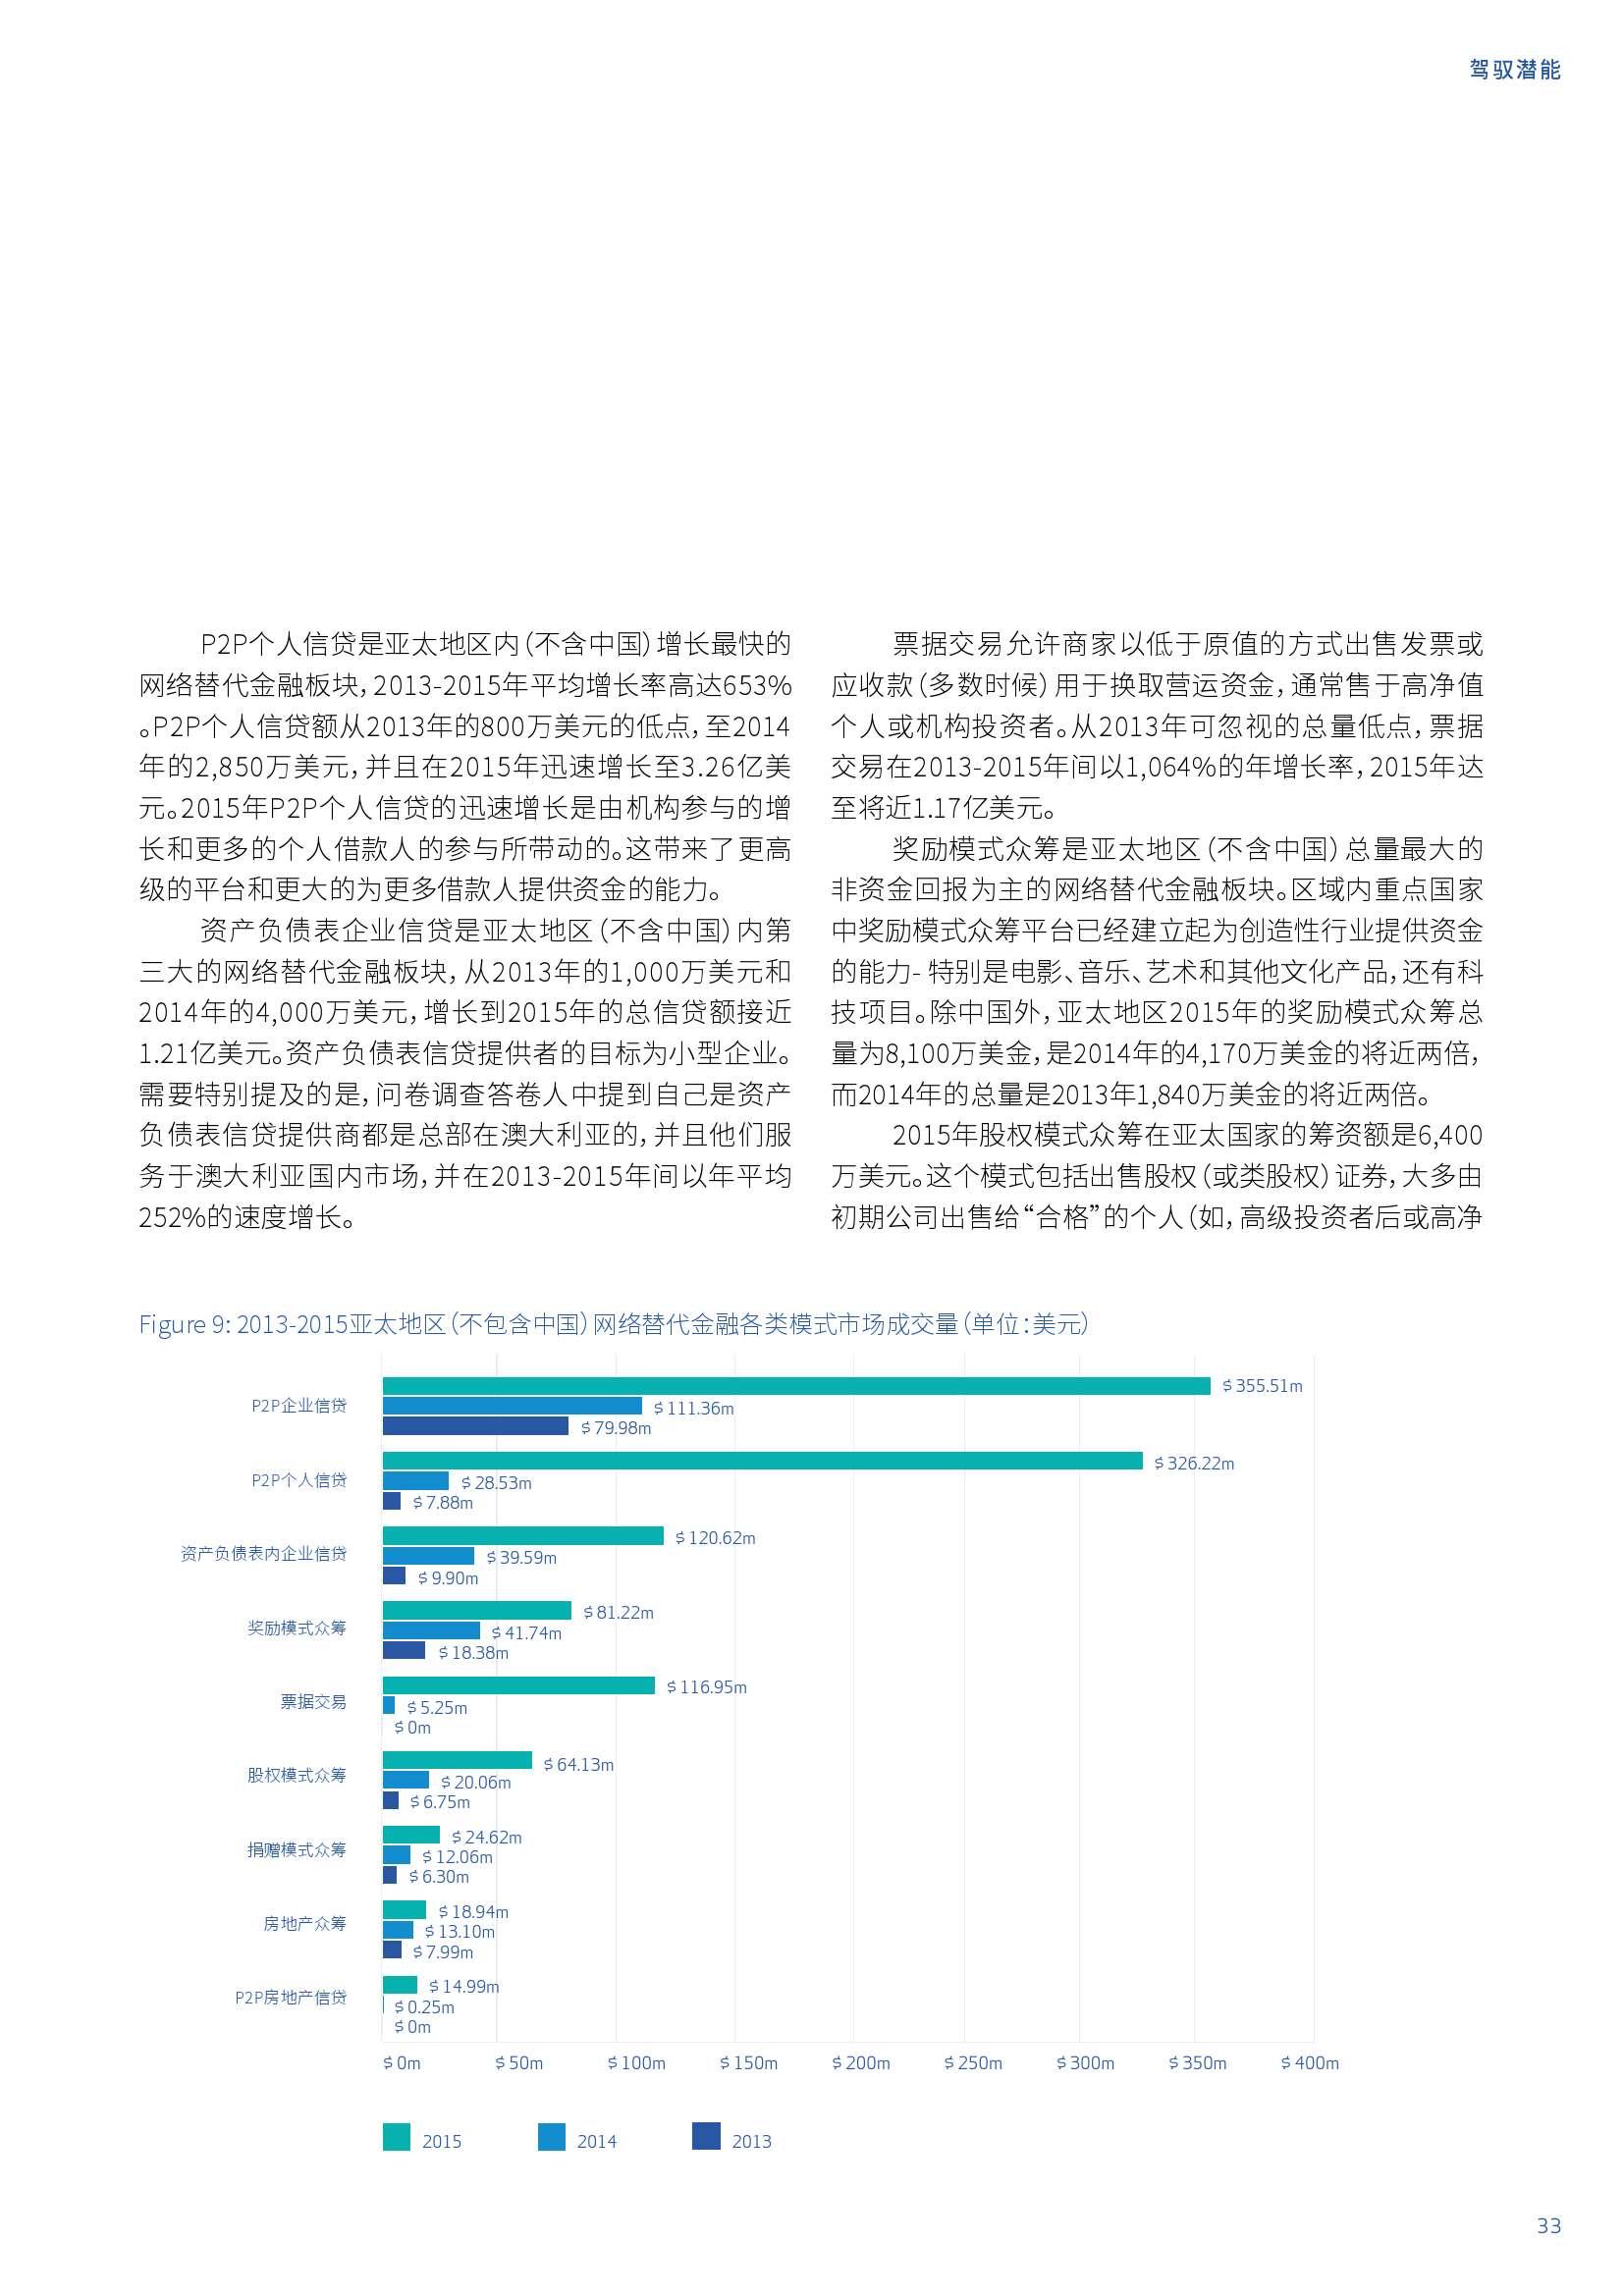 亚太地区网络替代金融基准报告_000033